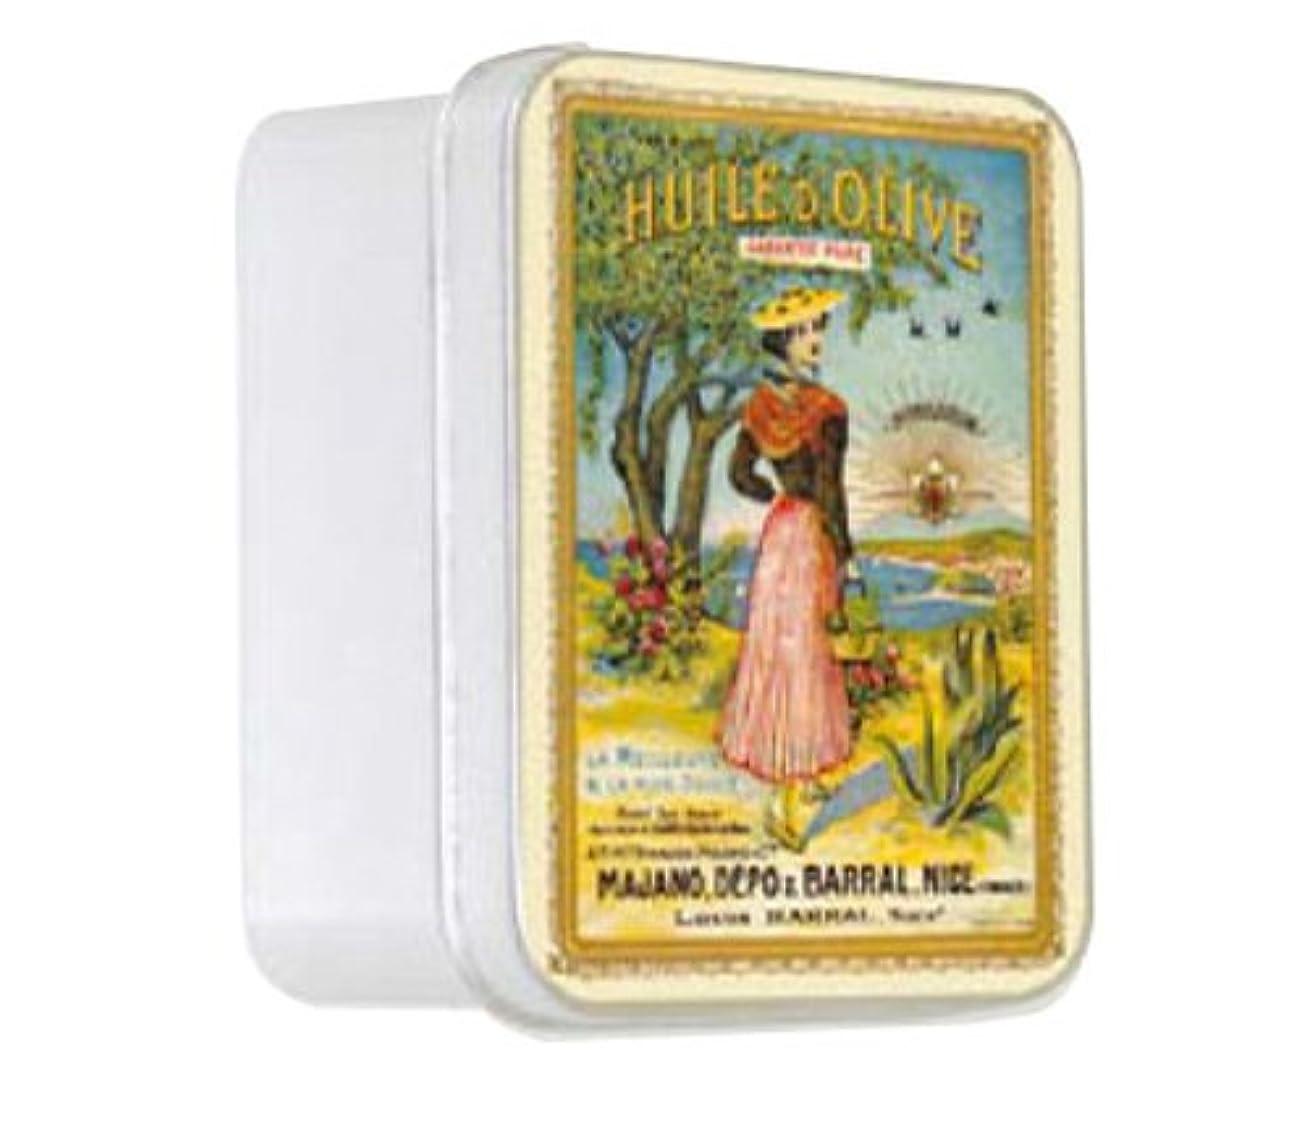 有限実質的伝説ルブランソープ メタルボックス(ラ ニソワーズ?オリーブの香り)石鹸